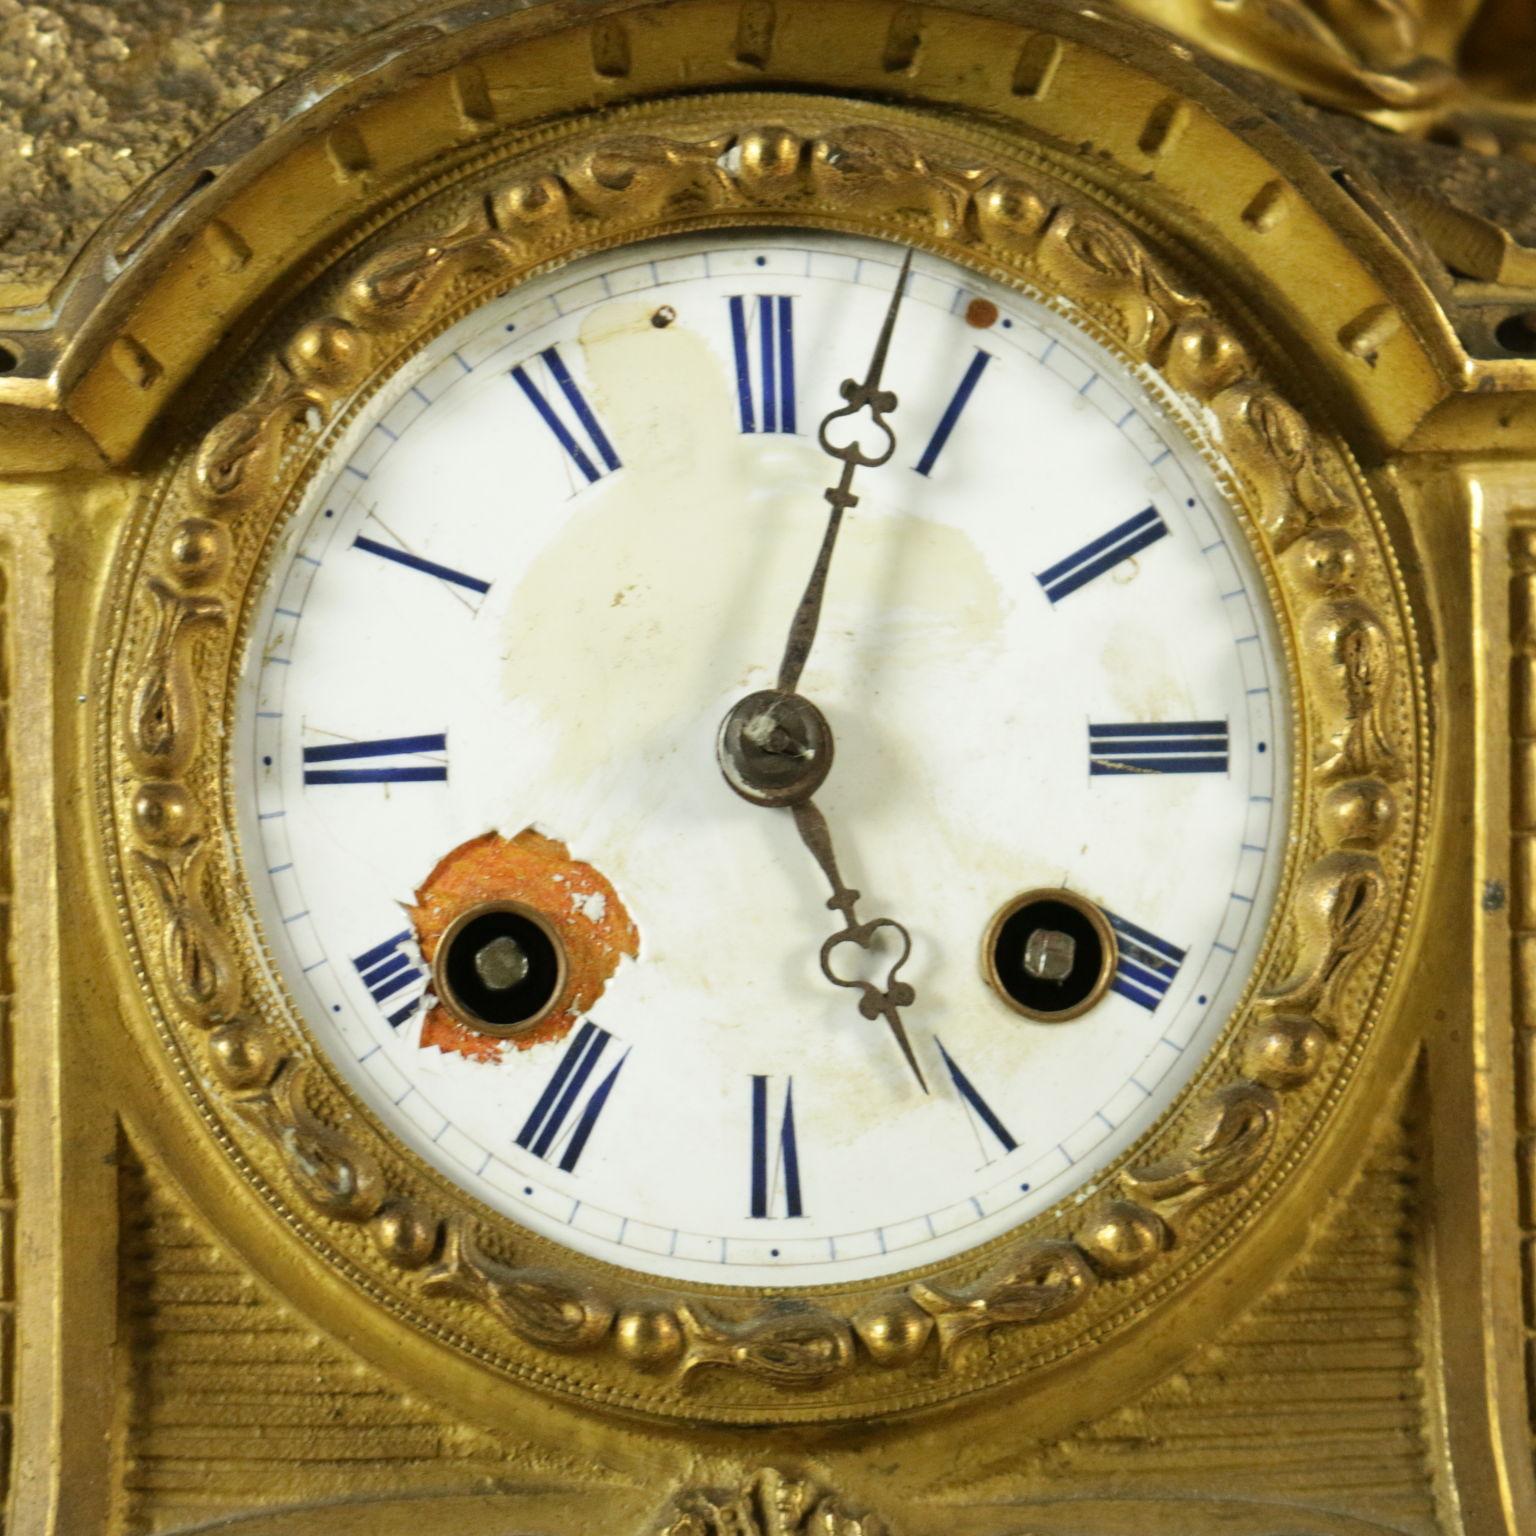 Orologio a pendolo da tavolo oggettistica antiquariato - Orologio a pendolo da tavolo ...